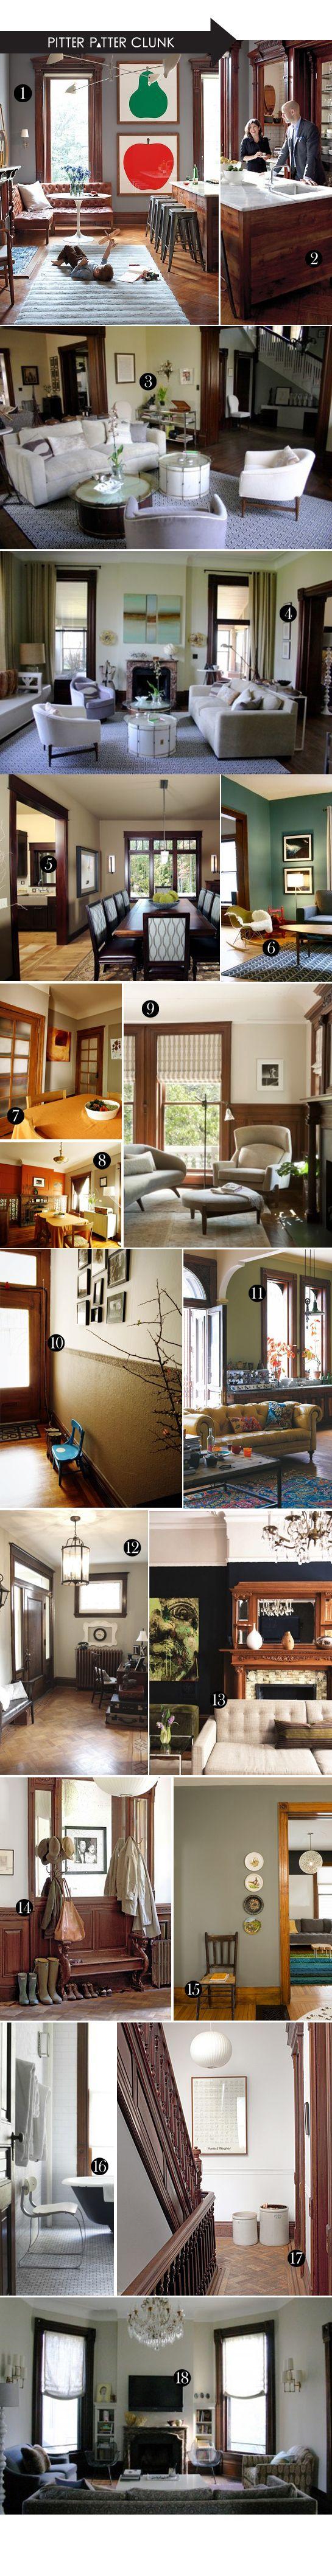 Die Besten 17 Bilder Zu 1920 Home Auf Pinterest | Fensterdekorationen,  Wandfarbe Farbtöne Und Alte Häuser